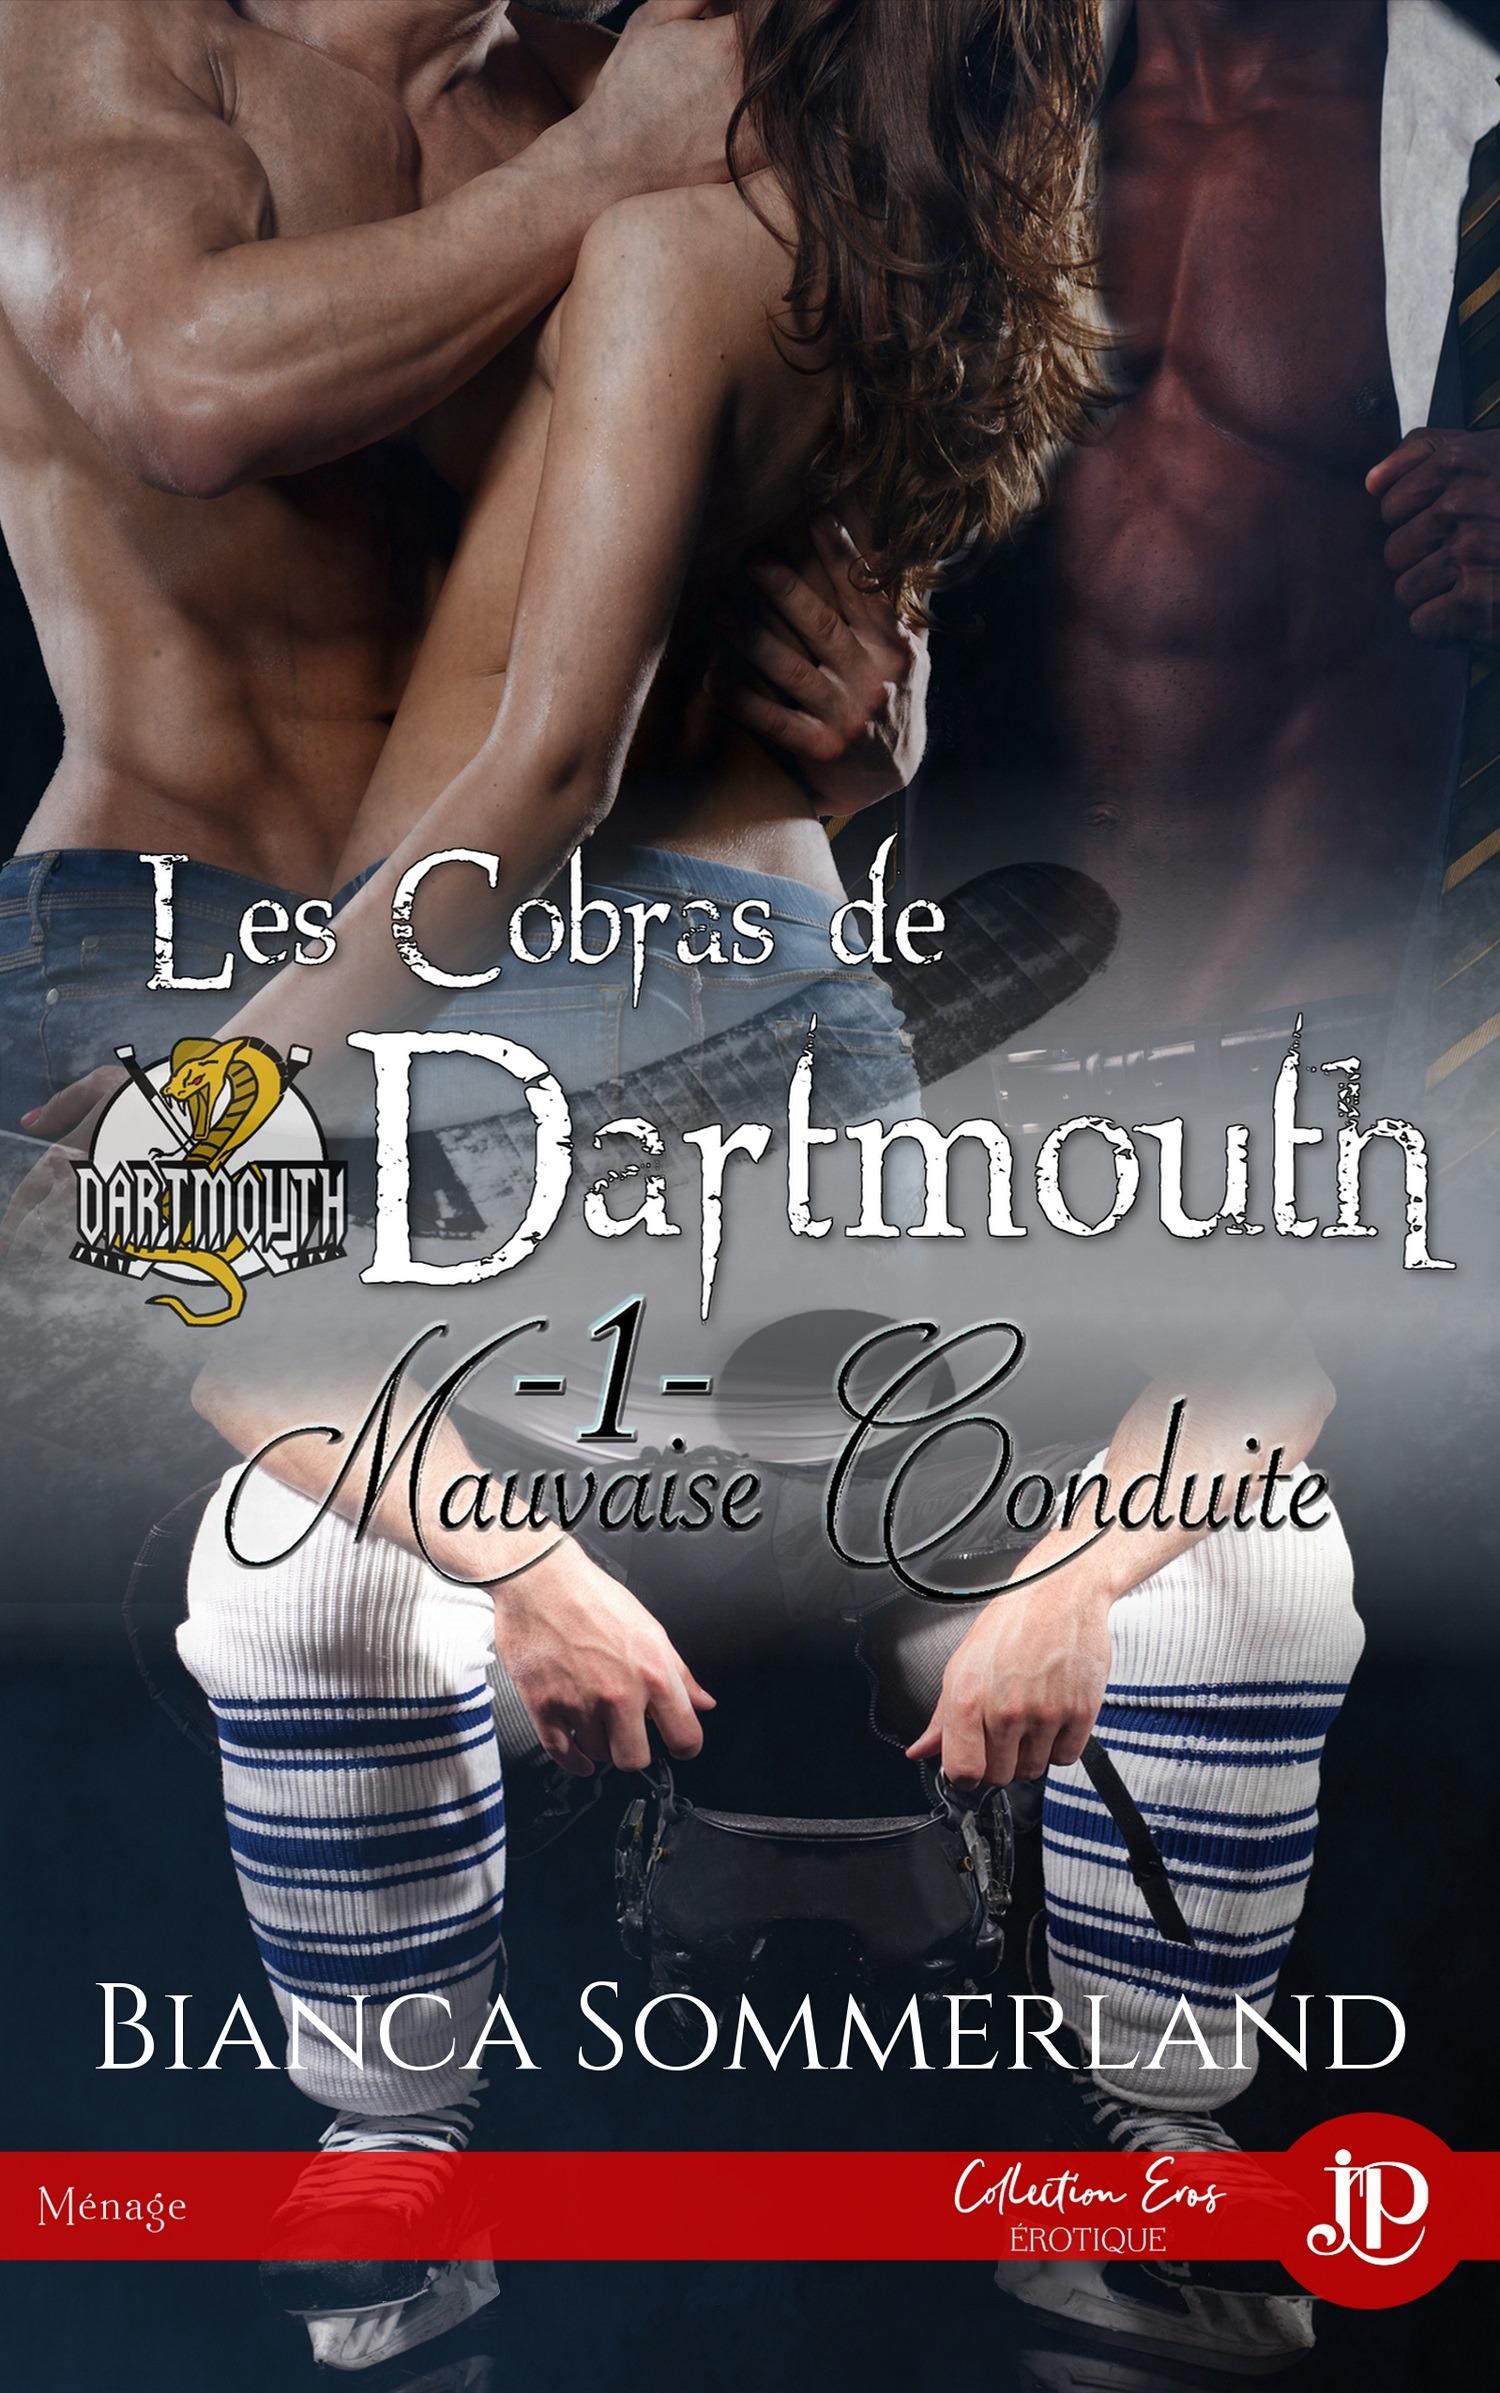 Mauvaise Conduite, LES COBRAS DE DARTMOUTH #1